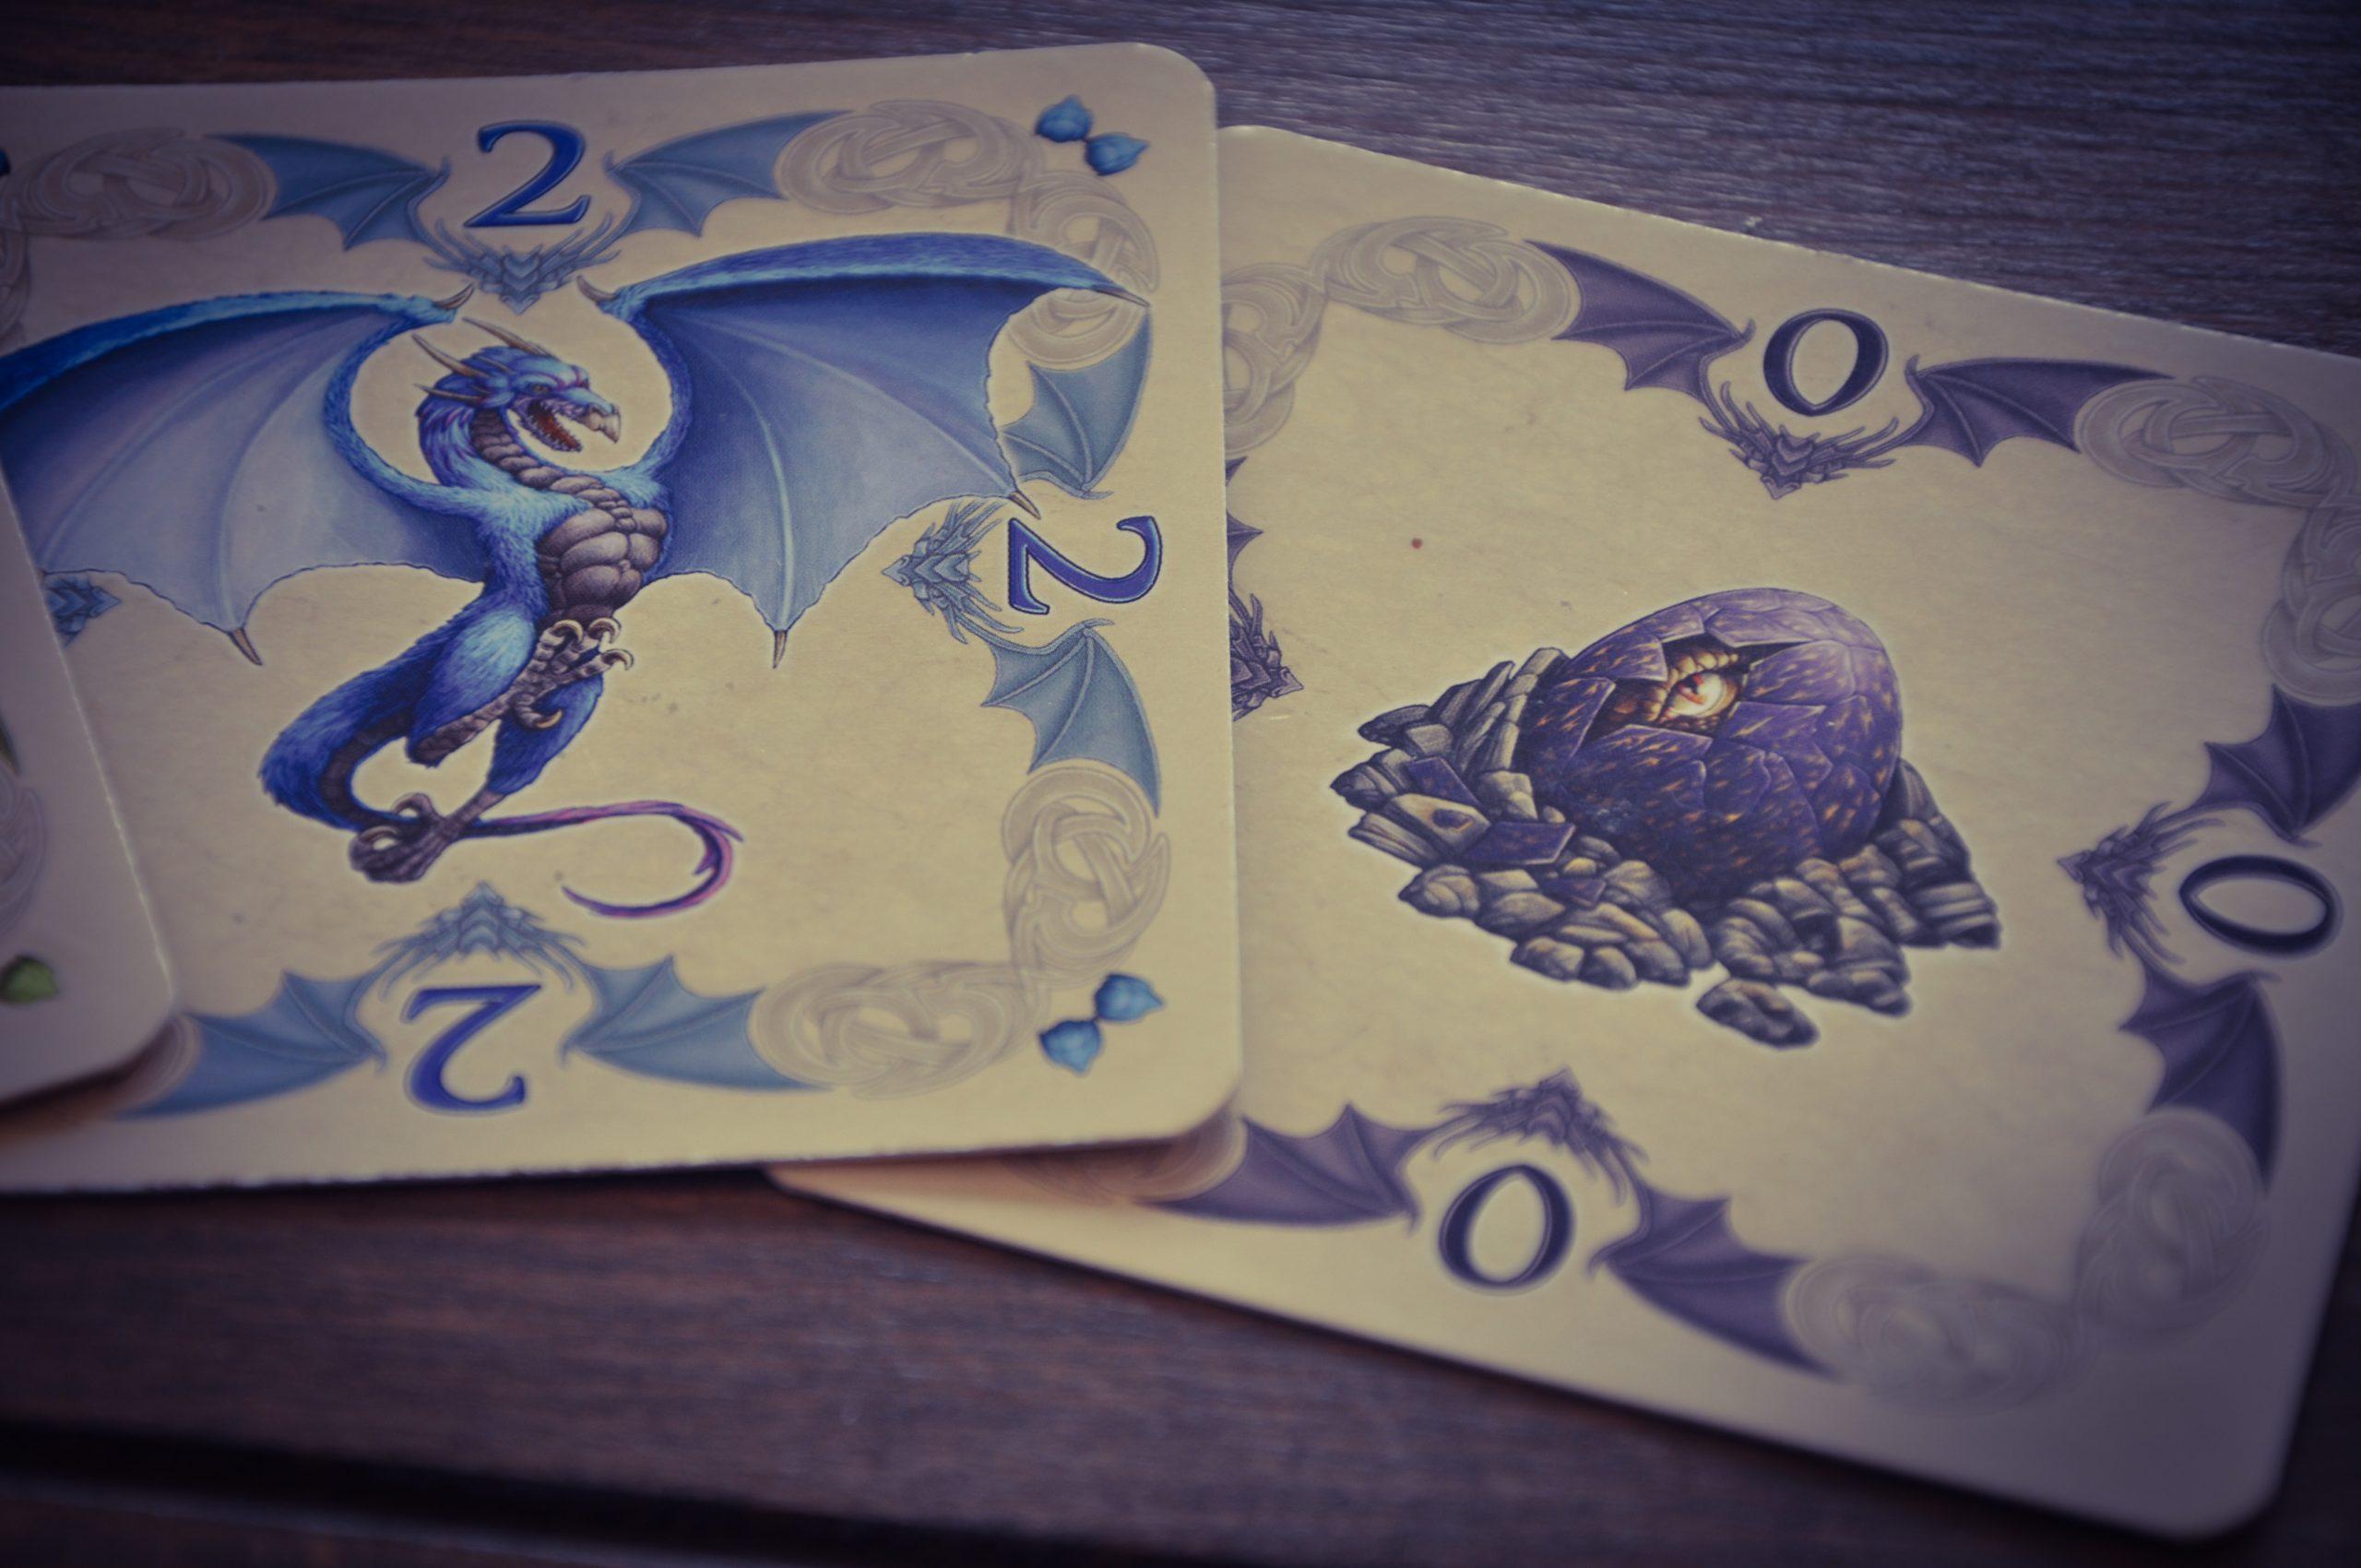 Dragon Master, duel tactique de dompteurs de dragons